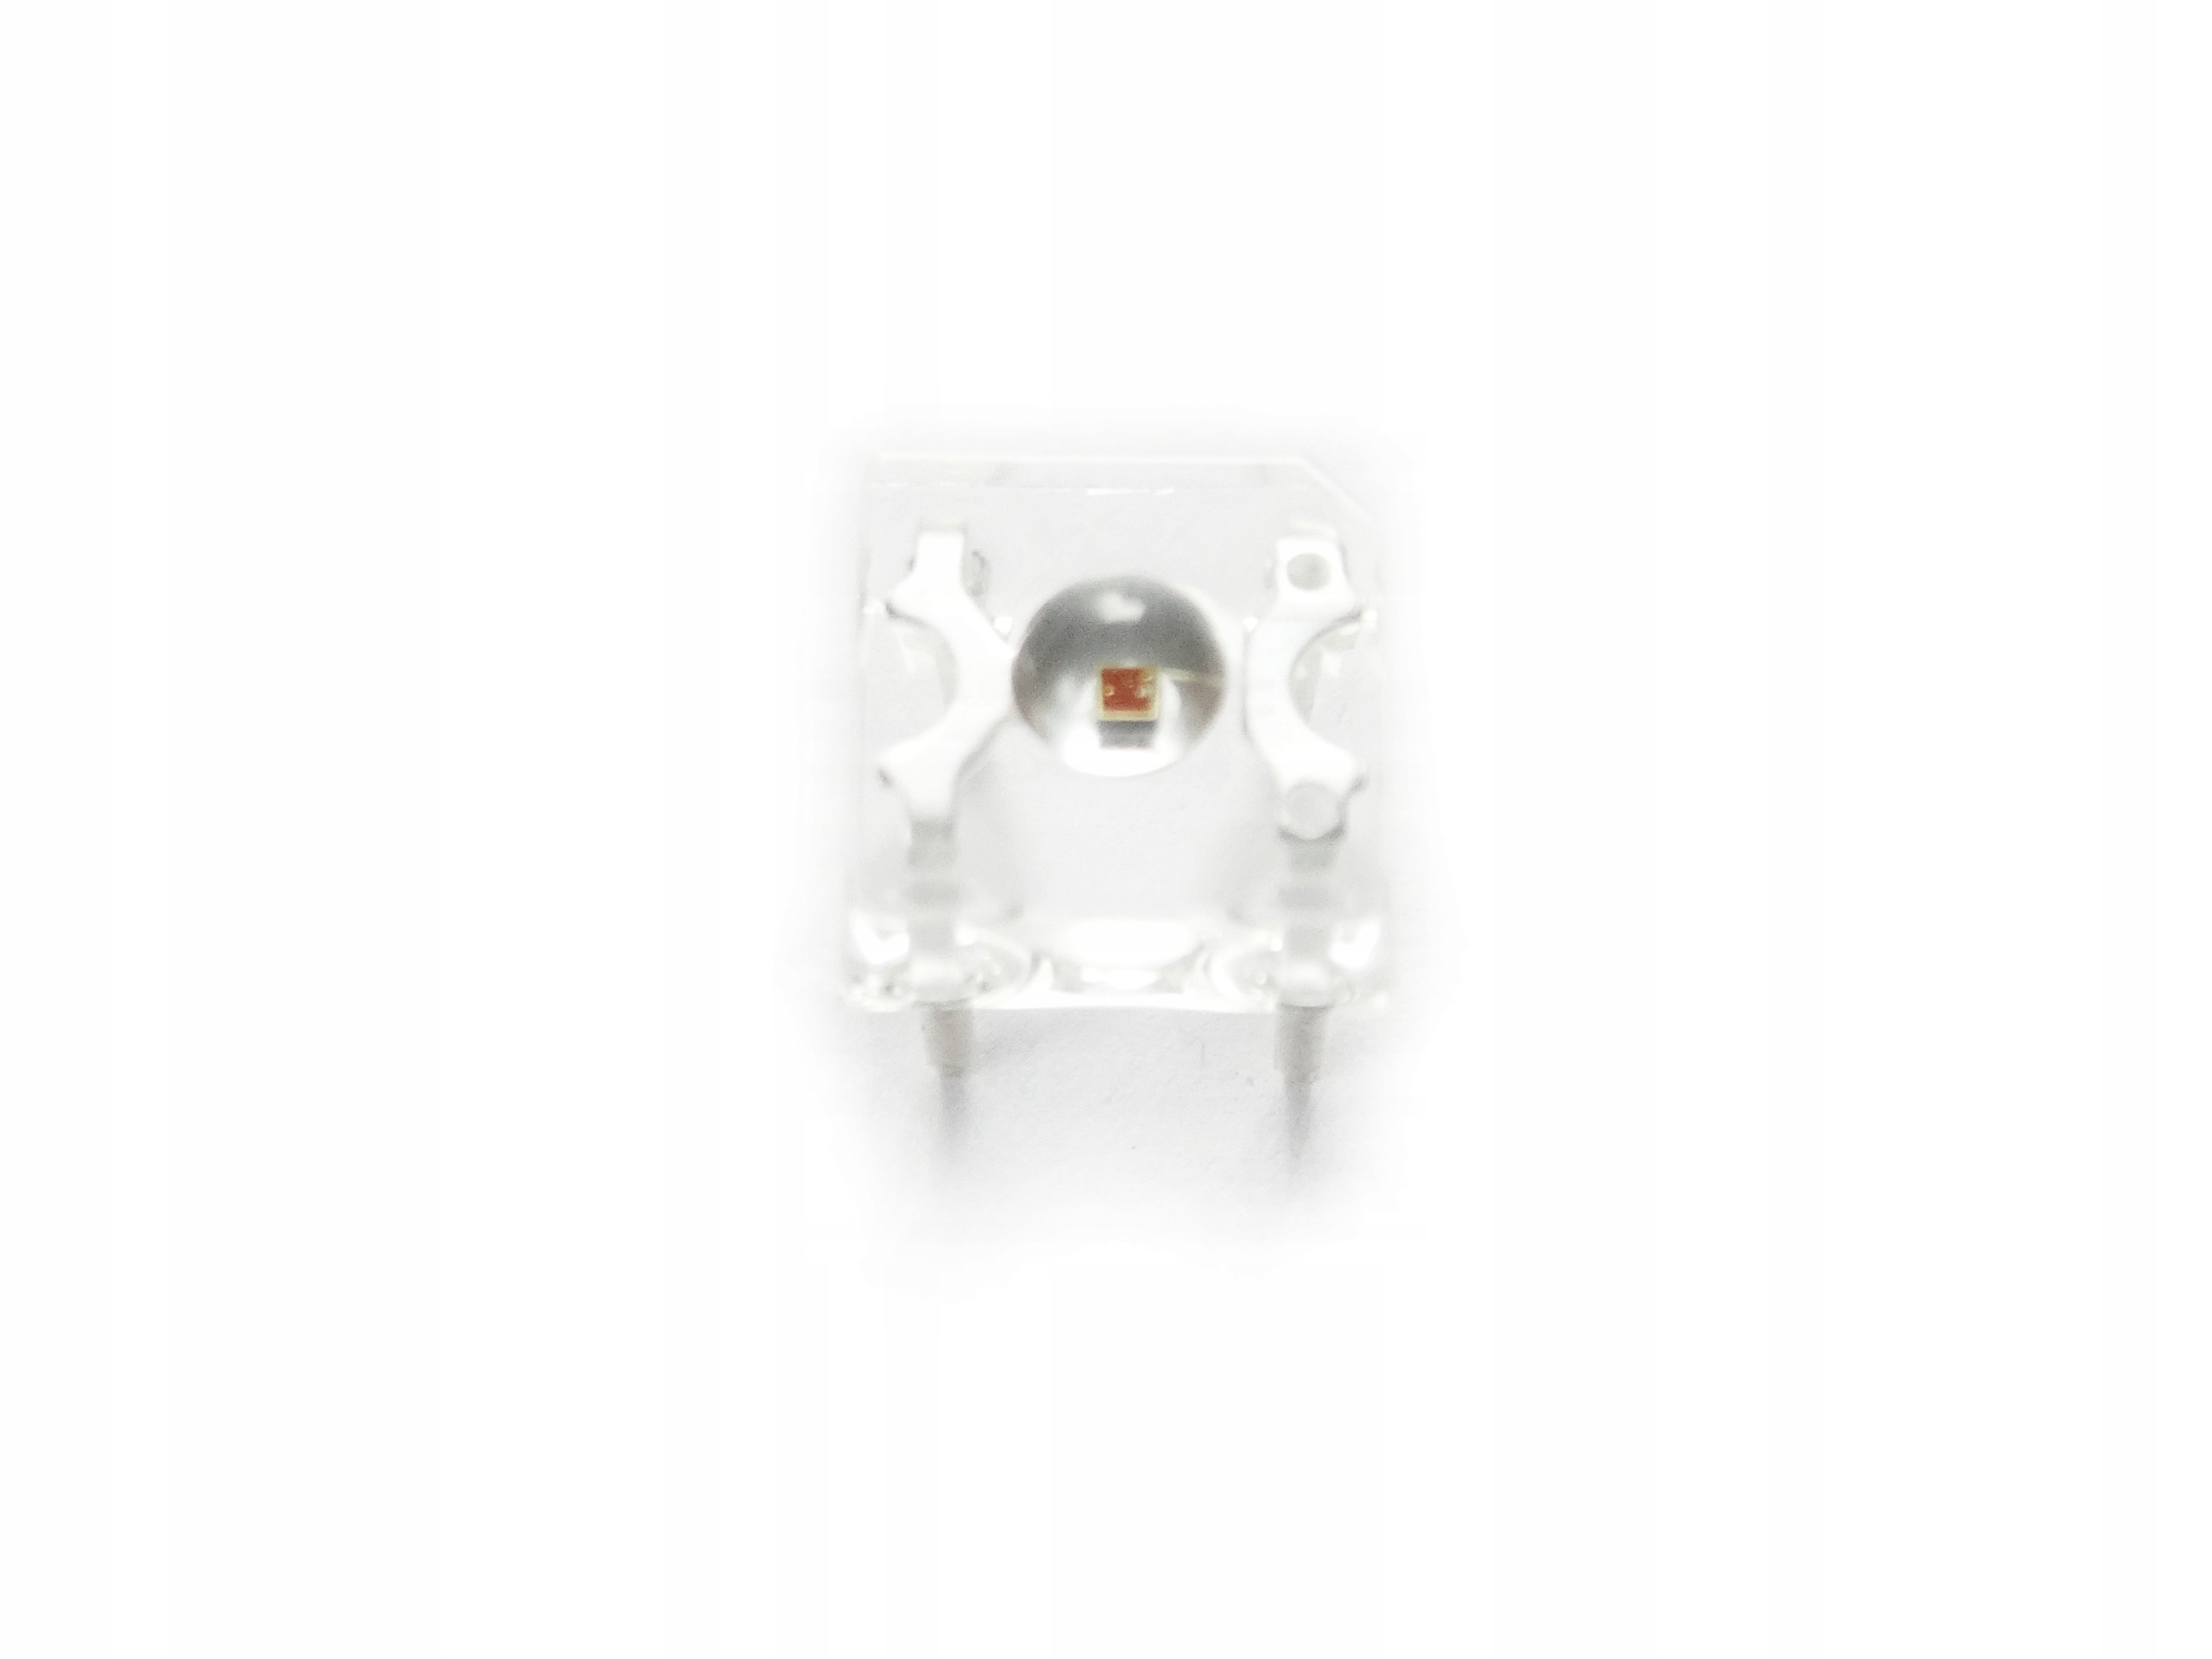 Dioda LED flux czerwona 7,6mm - 20 szt.